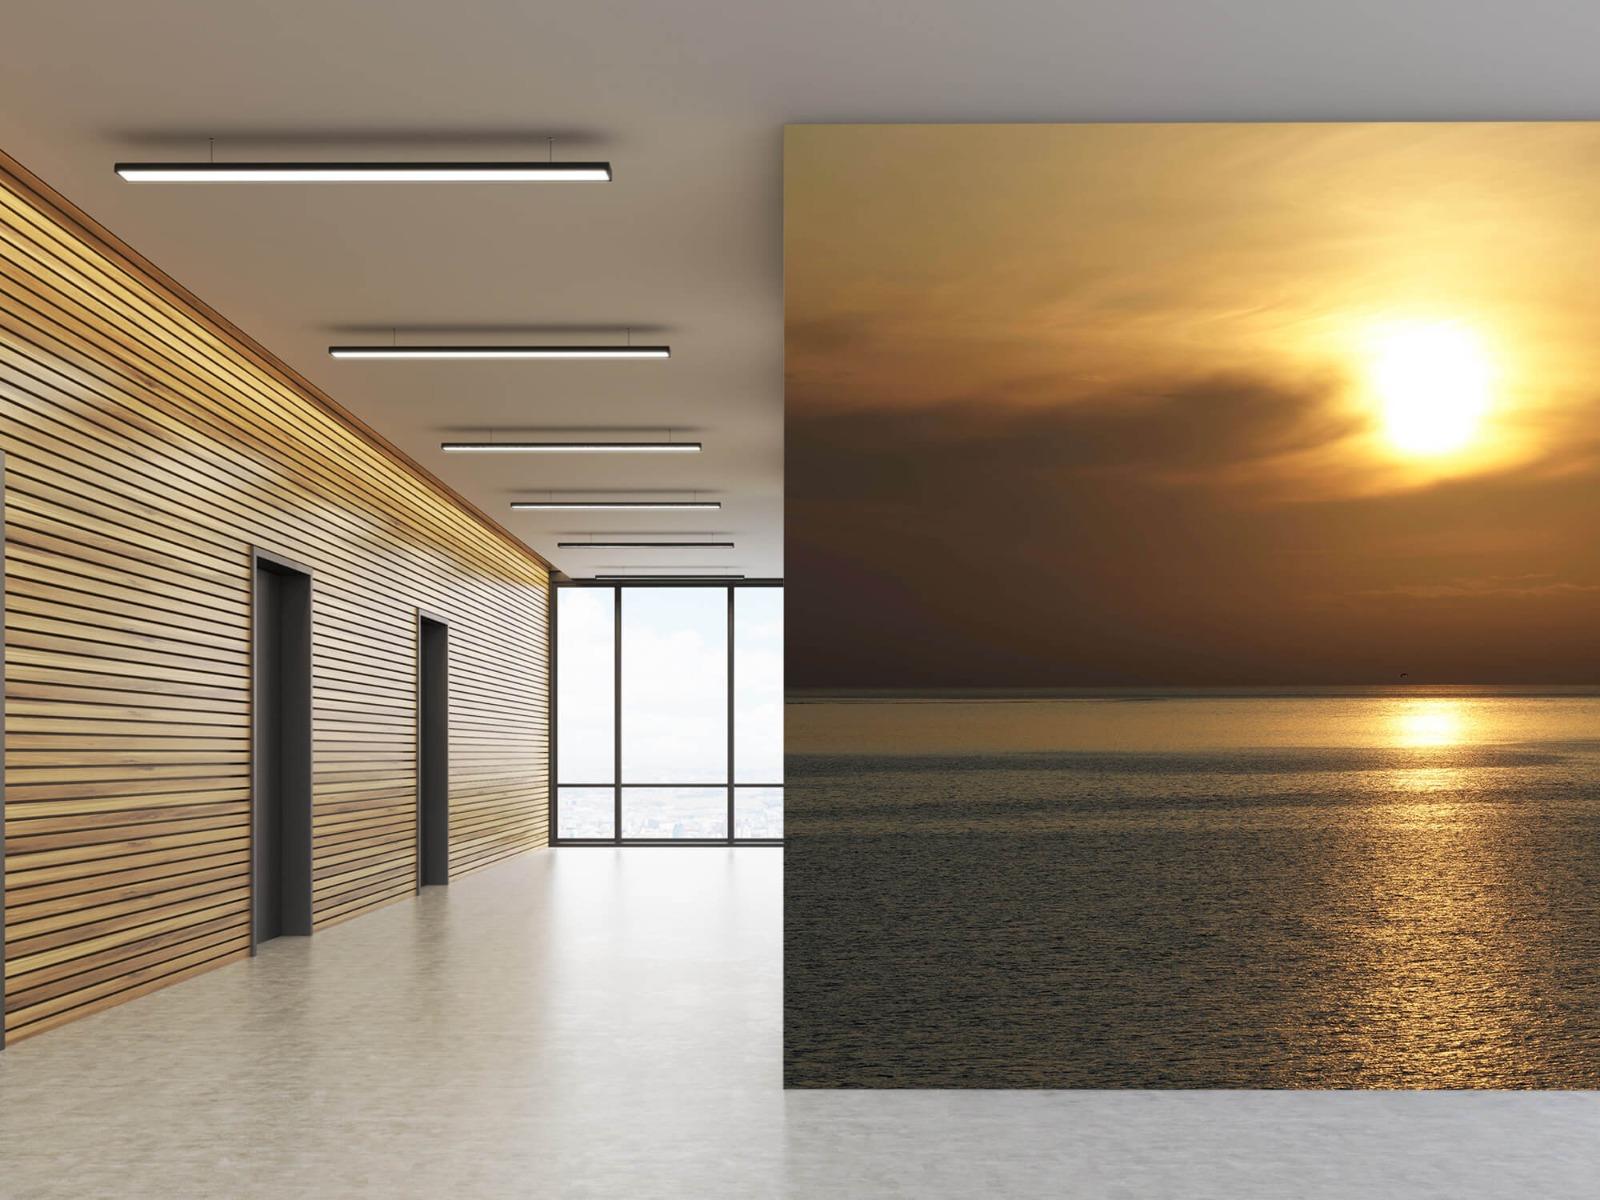 Zeeën en Oceanen - Zonsopkomst bij zee - Wallexclusive - Woonkamer 7